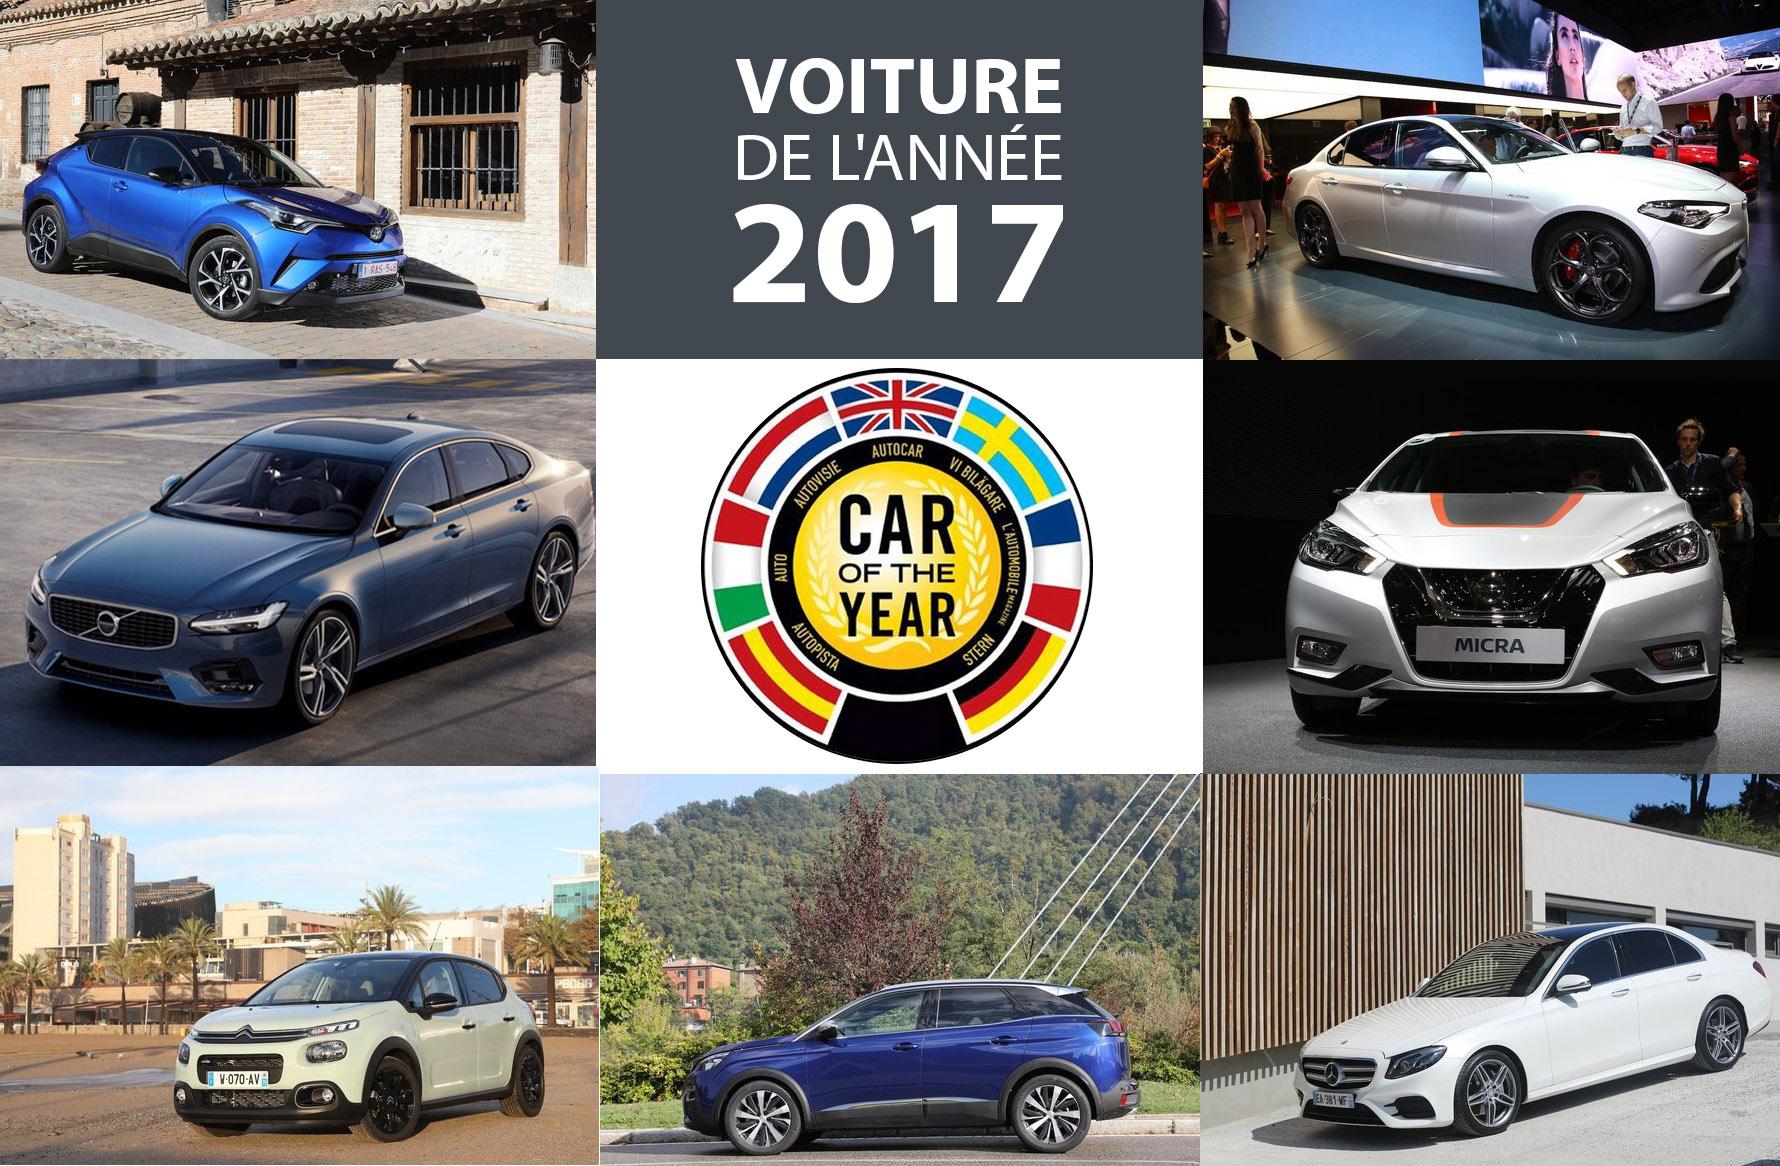 voiture-de-lannee2017